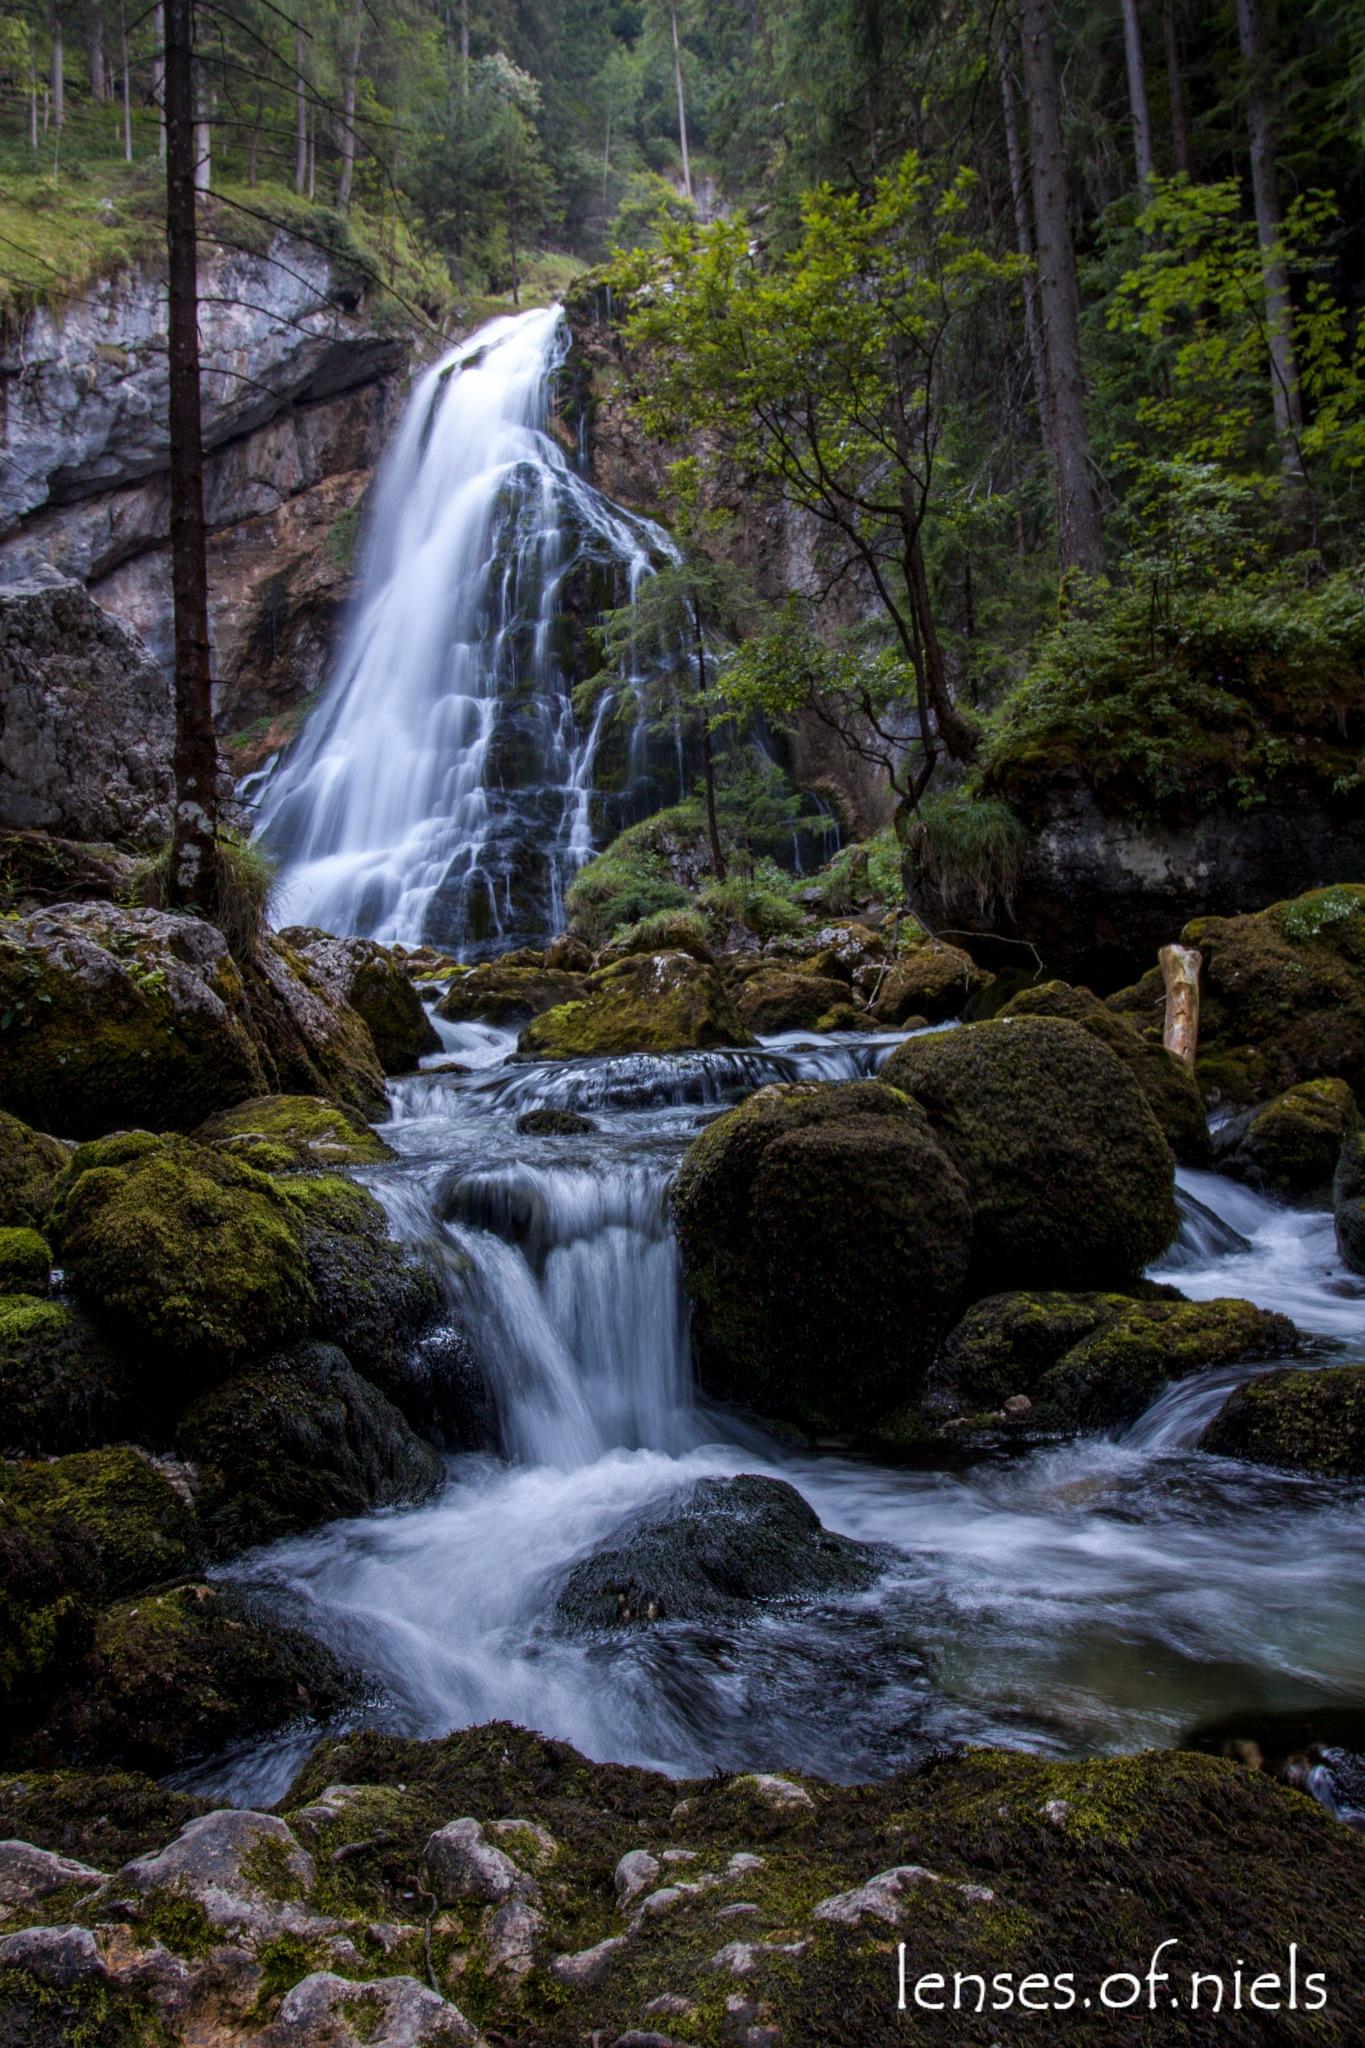 Waterfalls of Golling by Niels koenderink